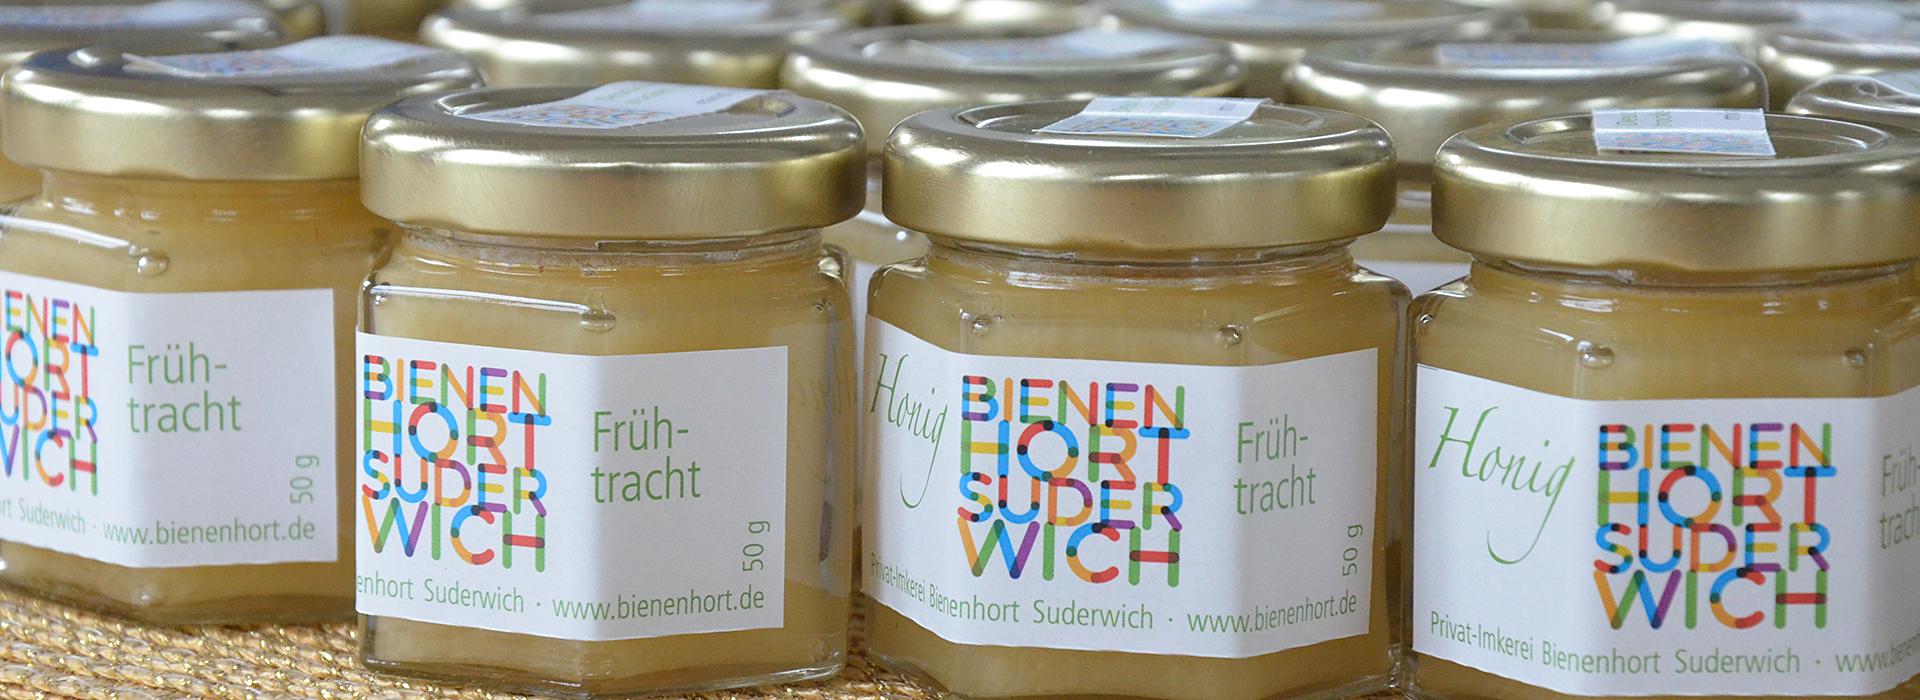 Honigpräsent aus dem Bienenhort Suderwich